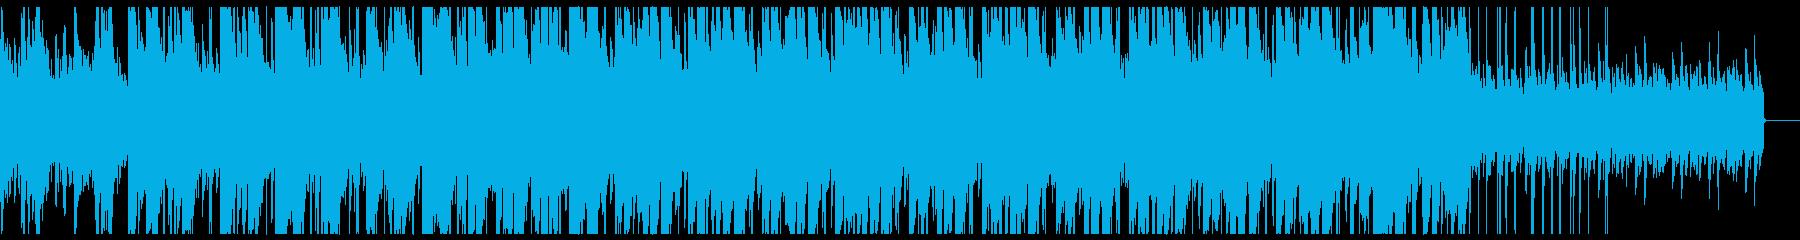 穏やかで感傷的なチルホップ。の再生済みの波形